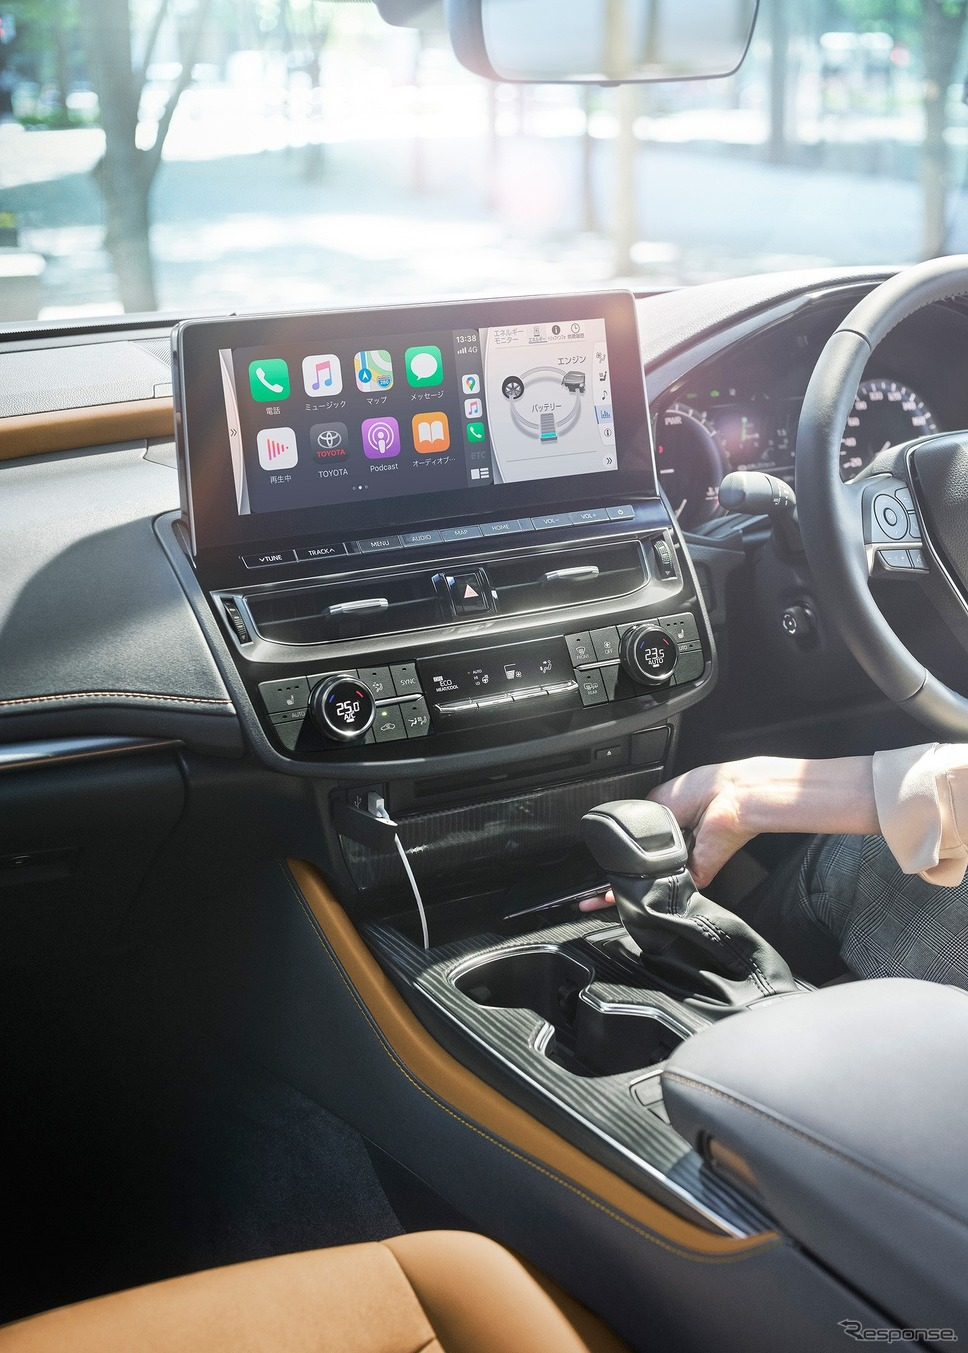 トヨタ クラウン T-コネクトSDナビゲーションシステム《写真提供 トヨタ自動車》